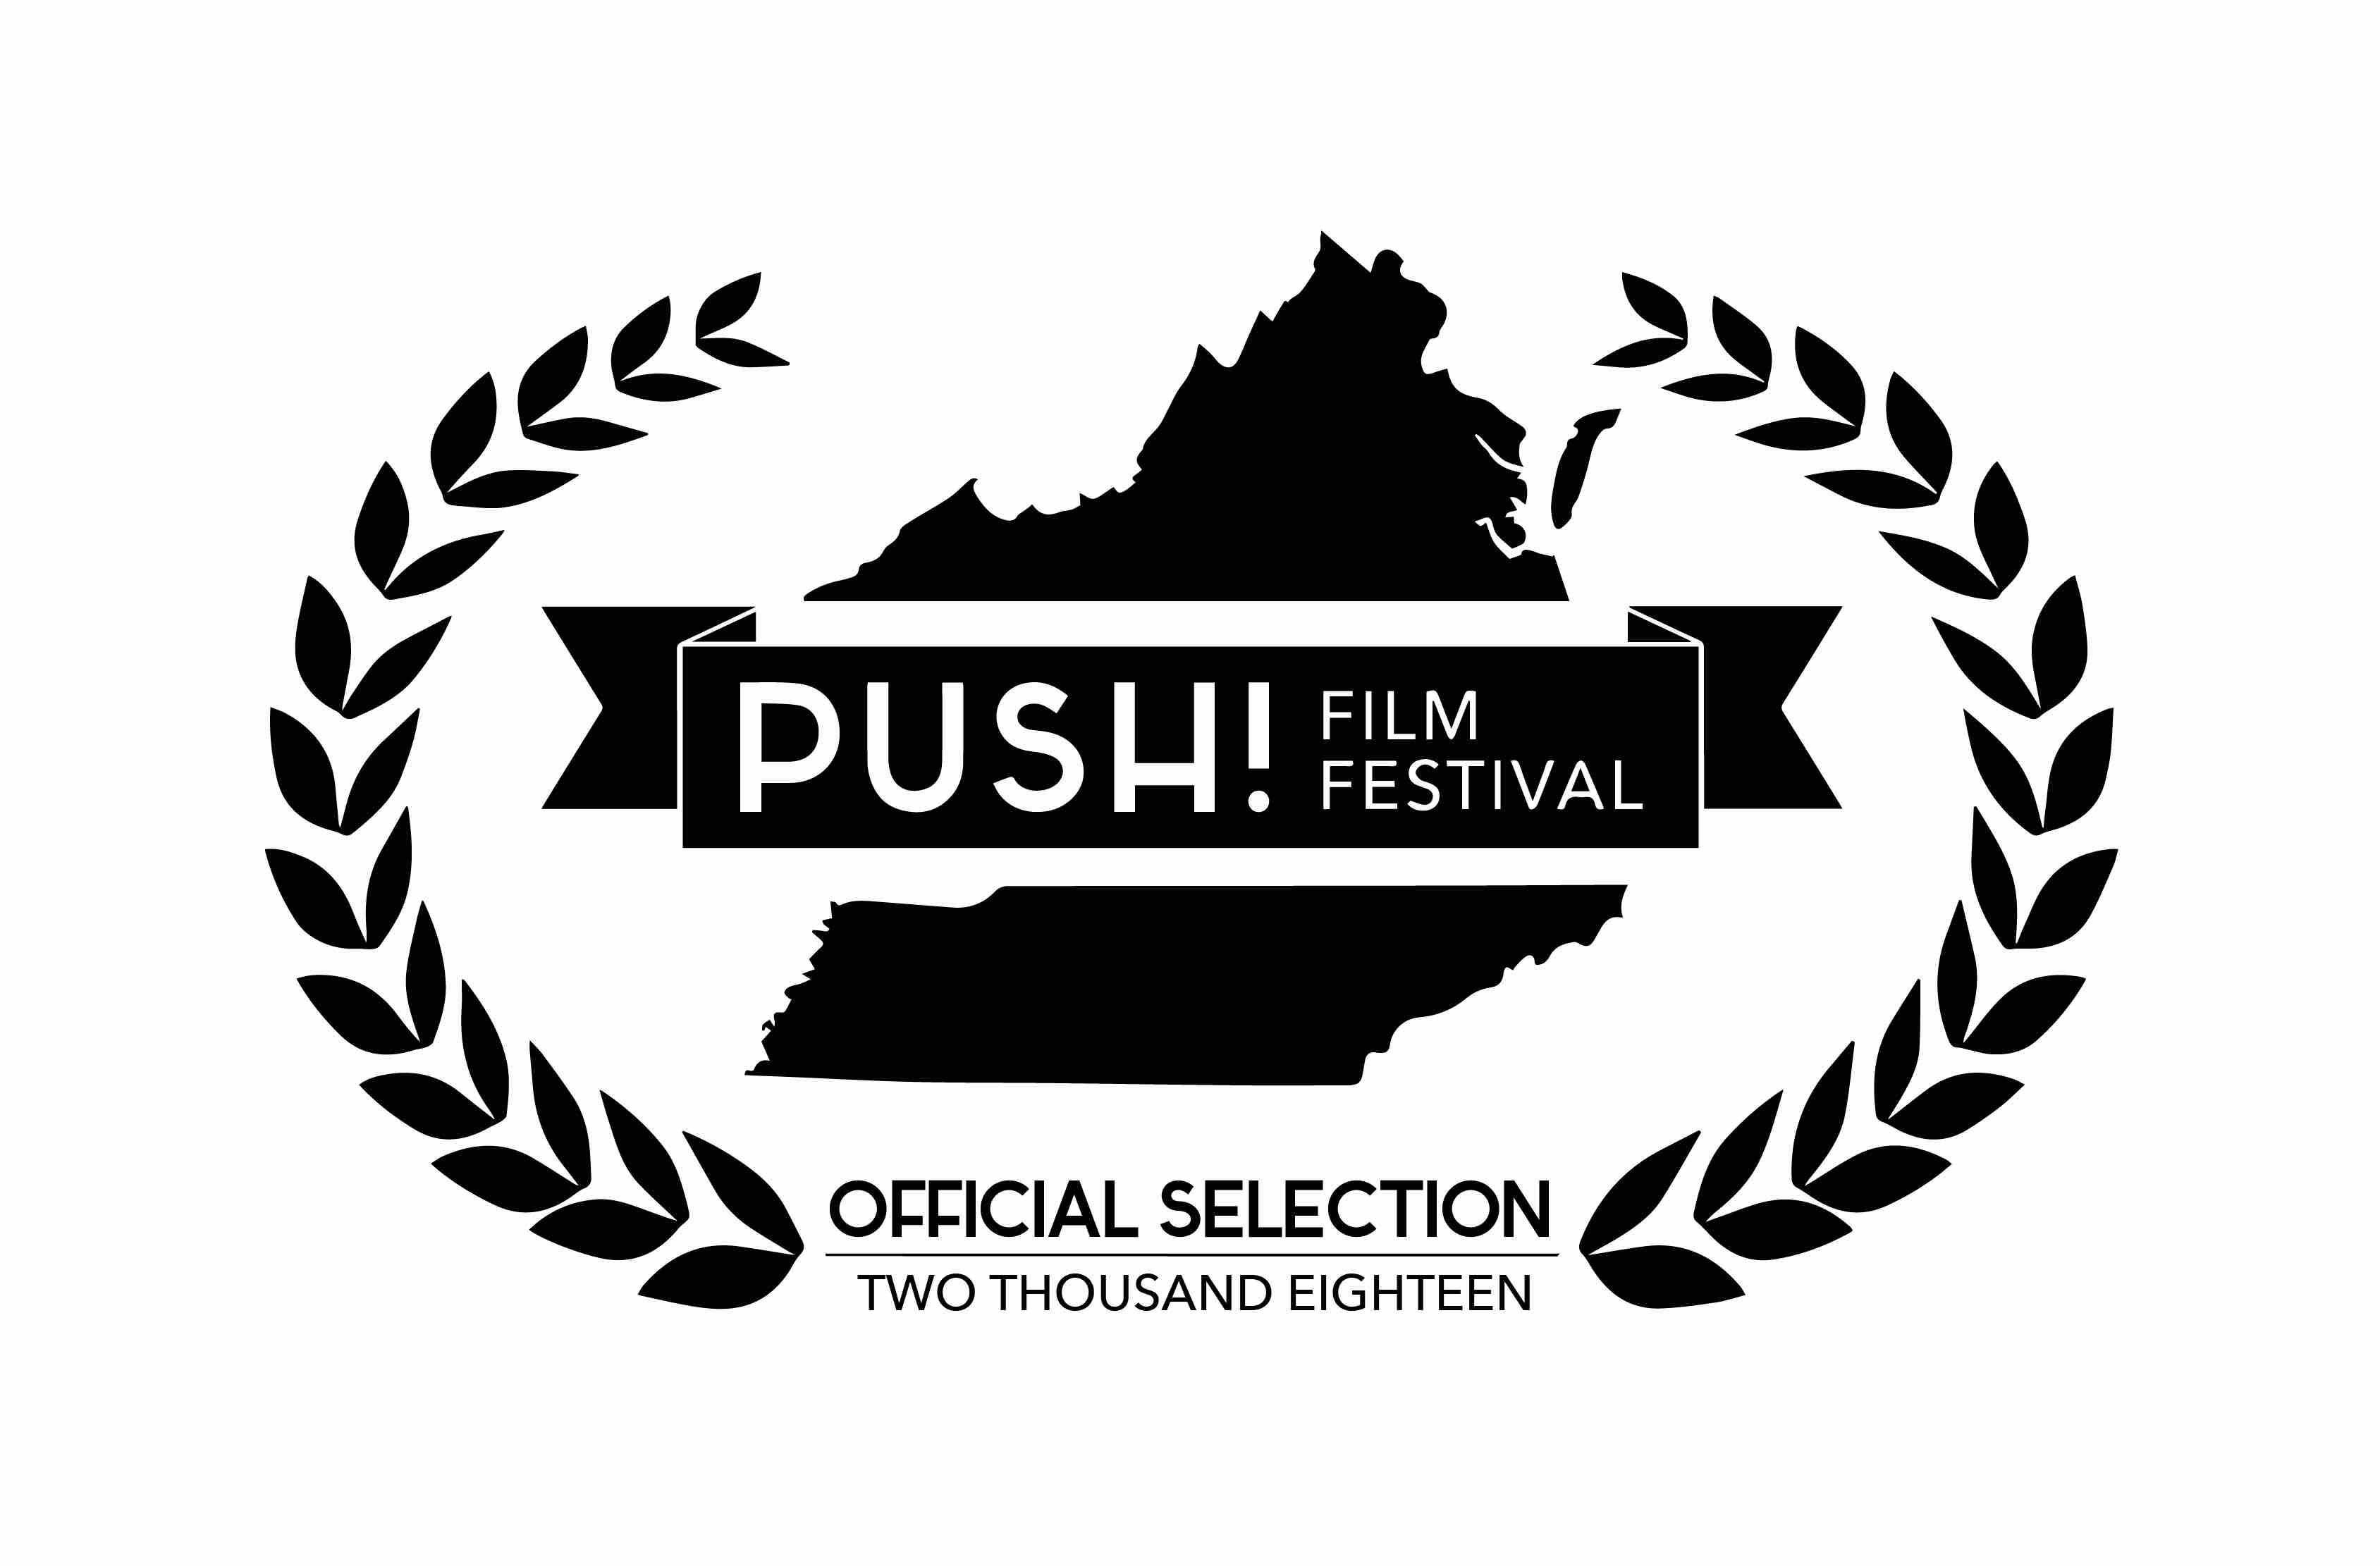 Push Film Festival